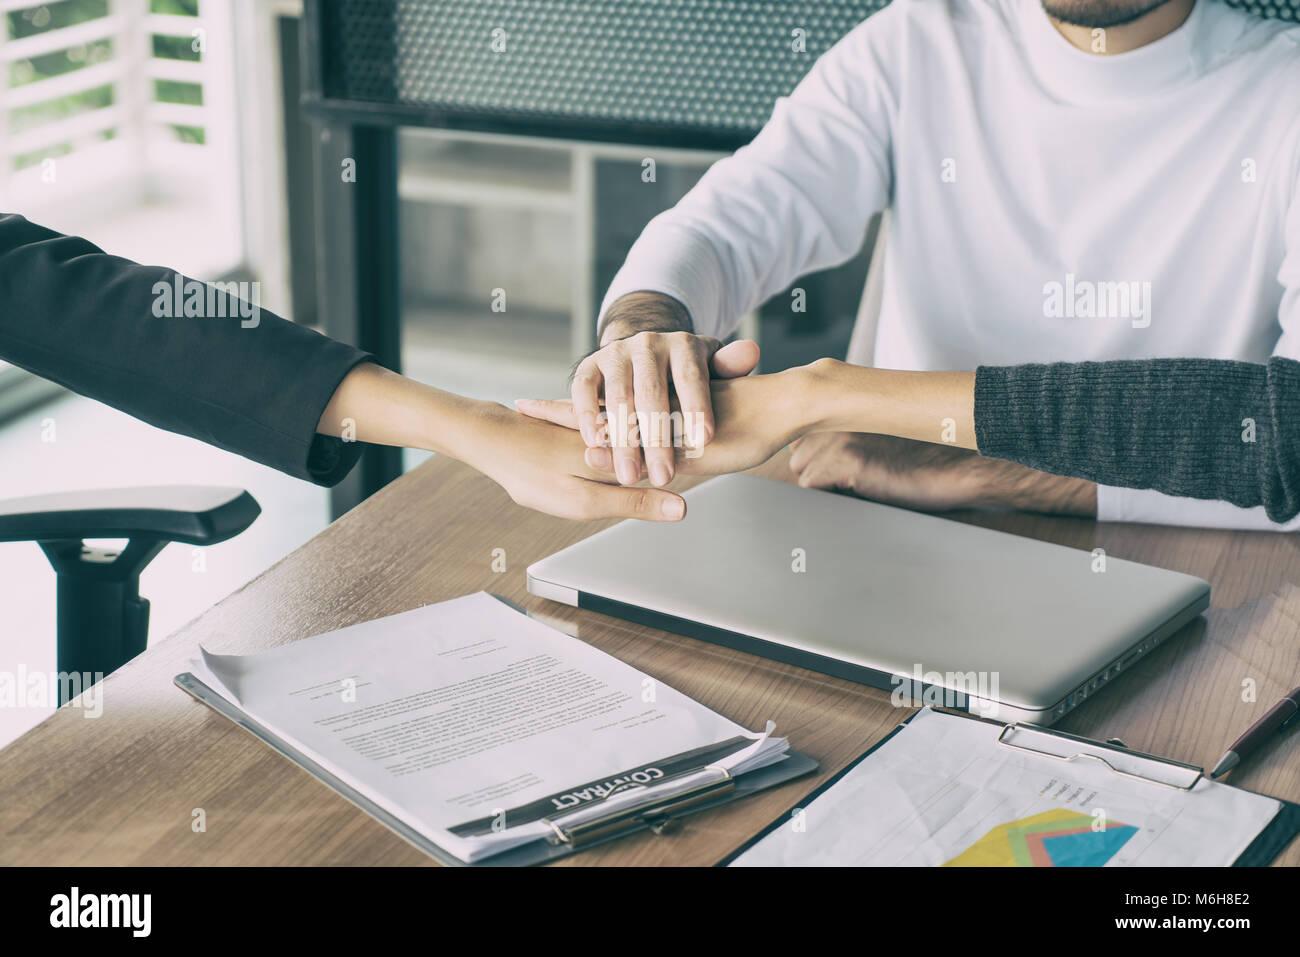 Drei Business Partner Team Mit Hände Zusammen Zu Begrüßung Bis Projekt Im  Büro Beginnen. Business Meeting Konzept